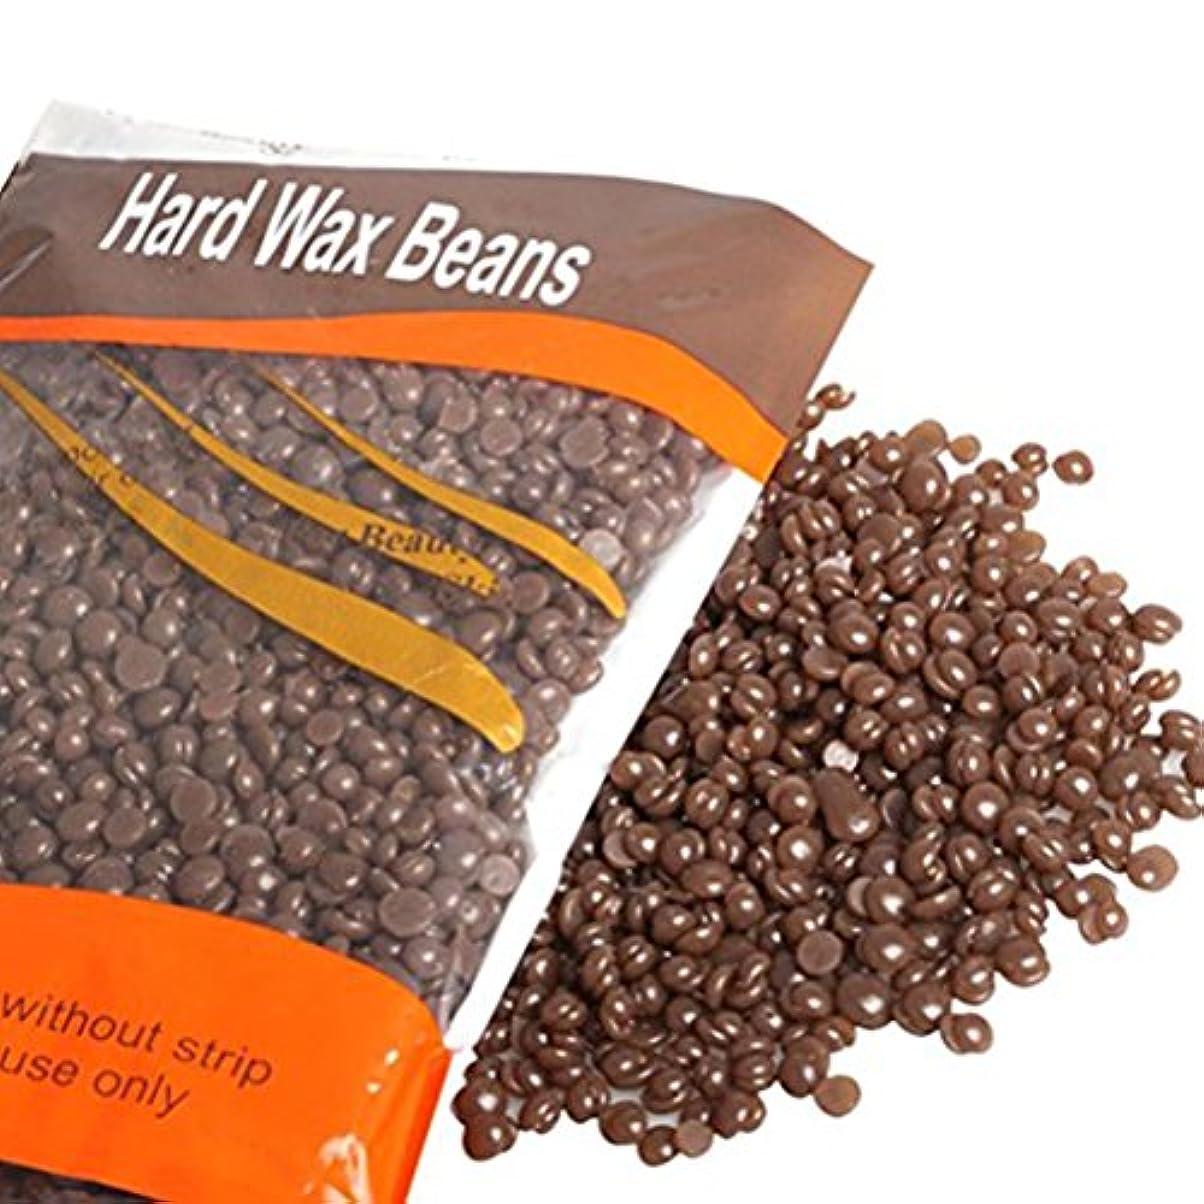 ハーネス見せます真鍮Healifty ワックス豆 脱毛 ワックス ワックス豆ペレット ムダ毛 ひげ わき すね ビキニ 全身で利用でき スパチュラ 脱毛紙 ワックス豆 300グラム(チョコレート)